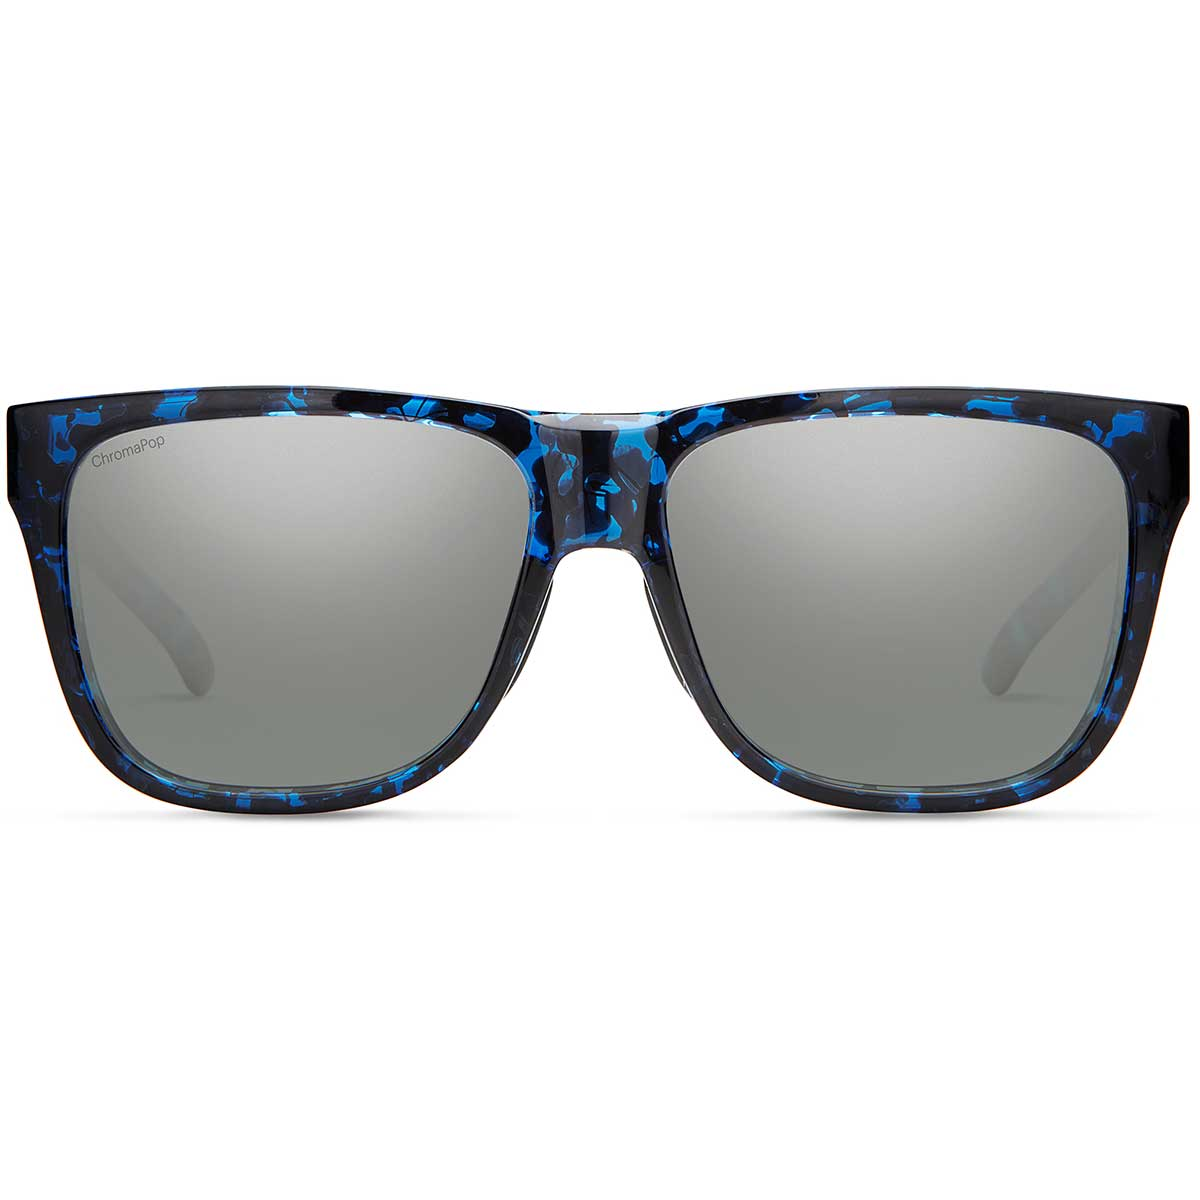 Smith Lowdown 2 Sunglasses - ChromaPop Polarized